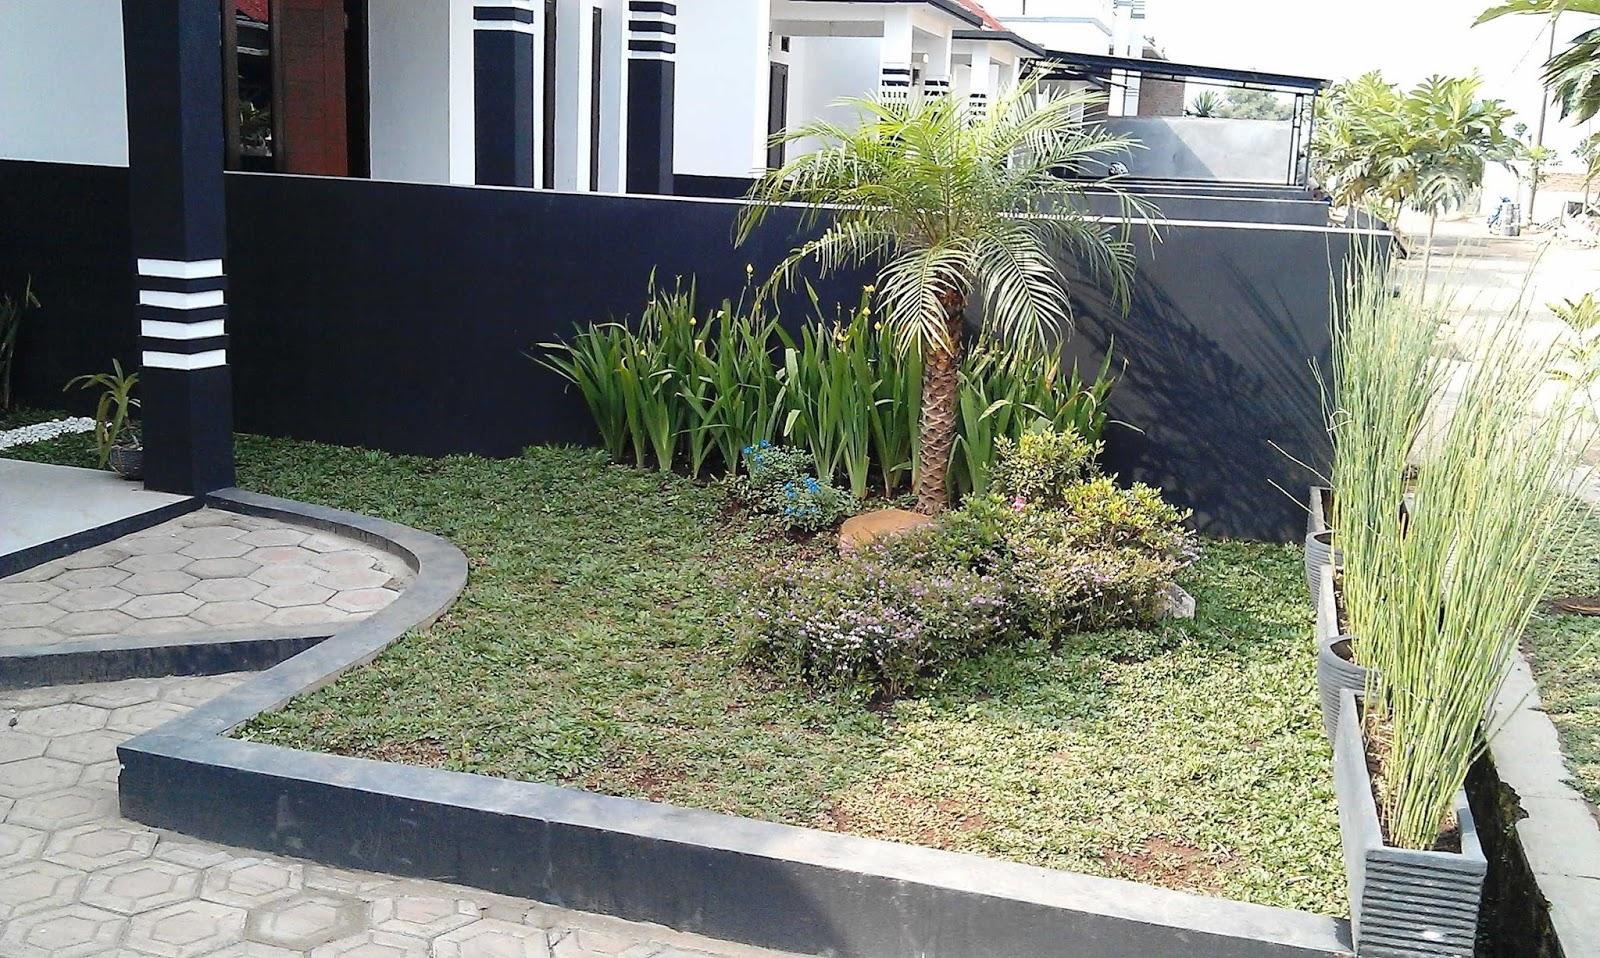 Desain Taman Depan Rumah Minimalis Sederhana